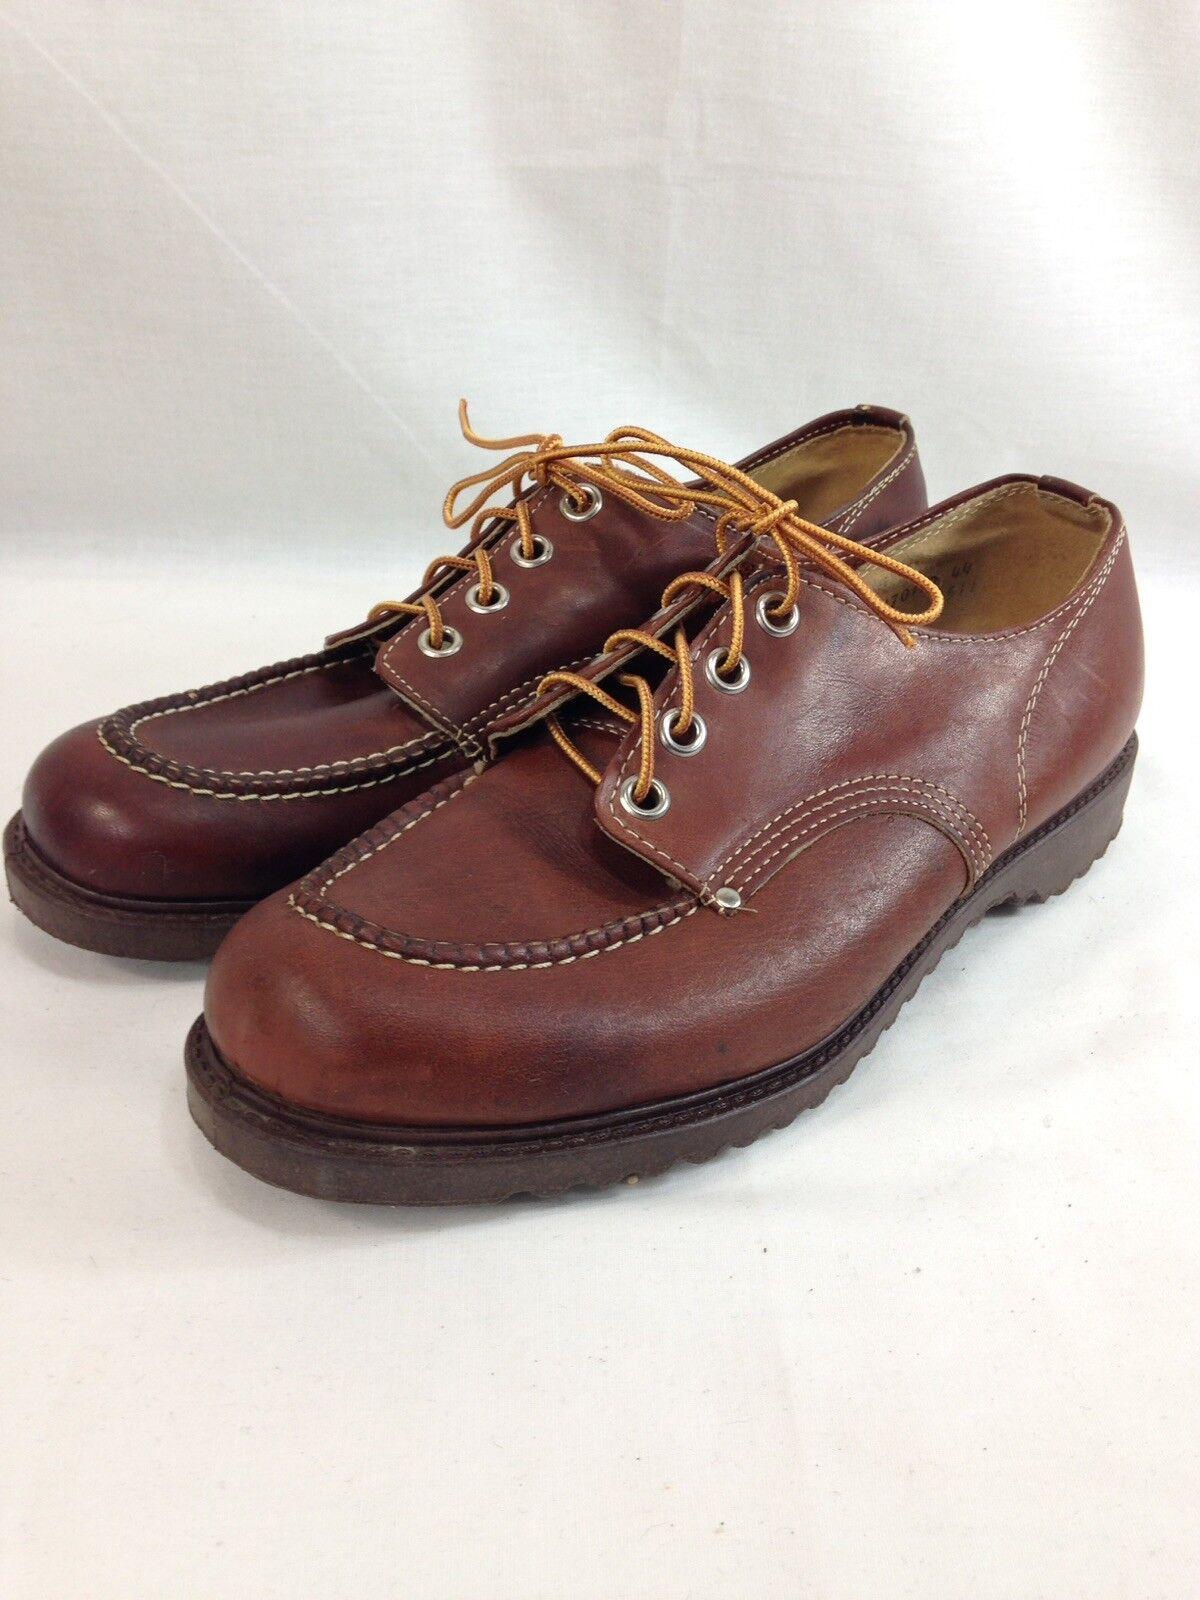 VTG Unbranded Engineer shoes Men 11 EE Brown Leather Oil Resistant Sole Moc Toe